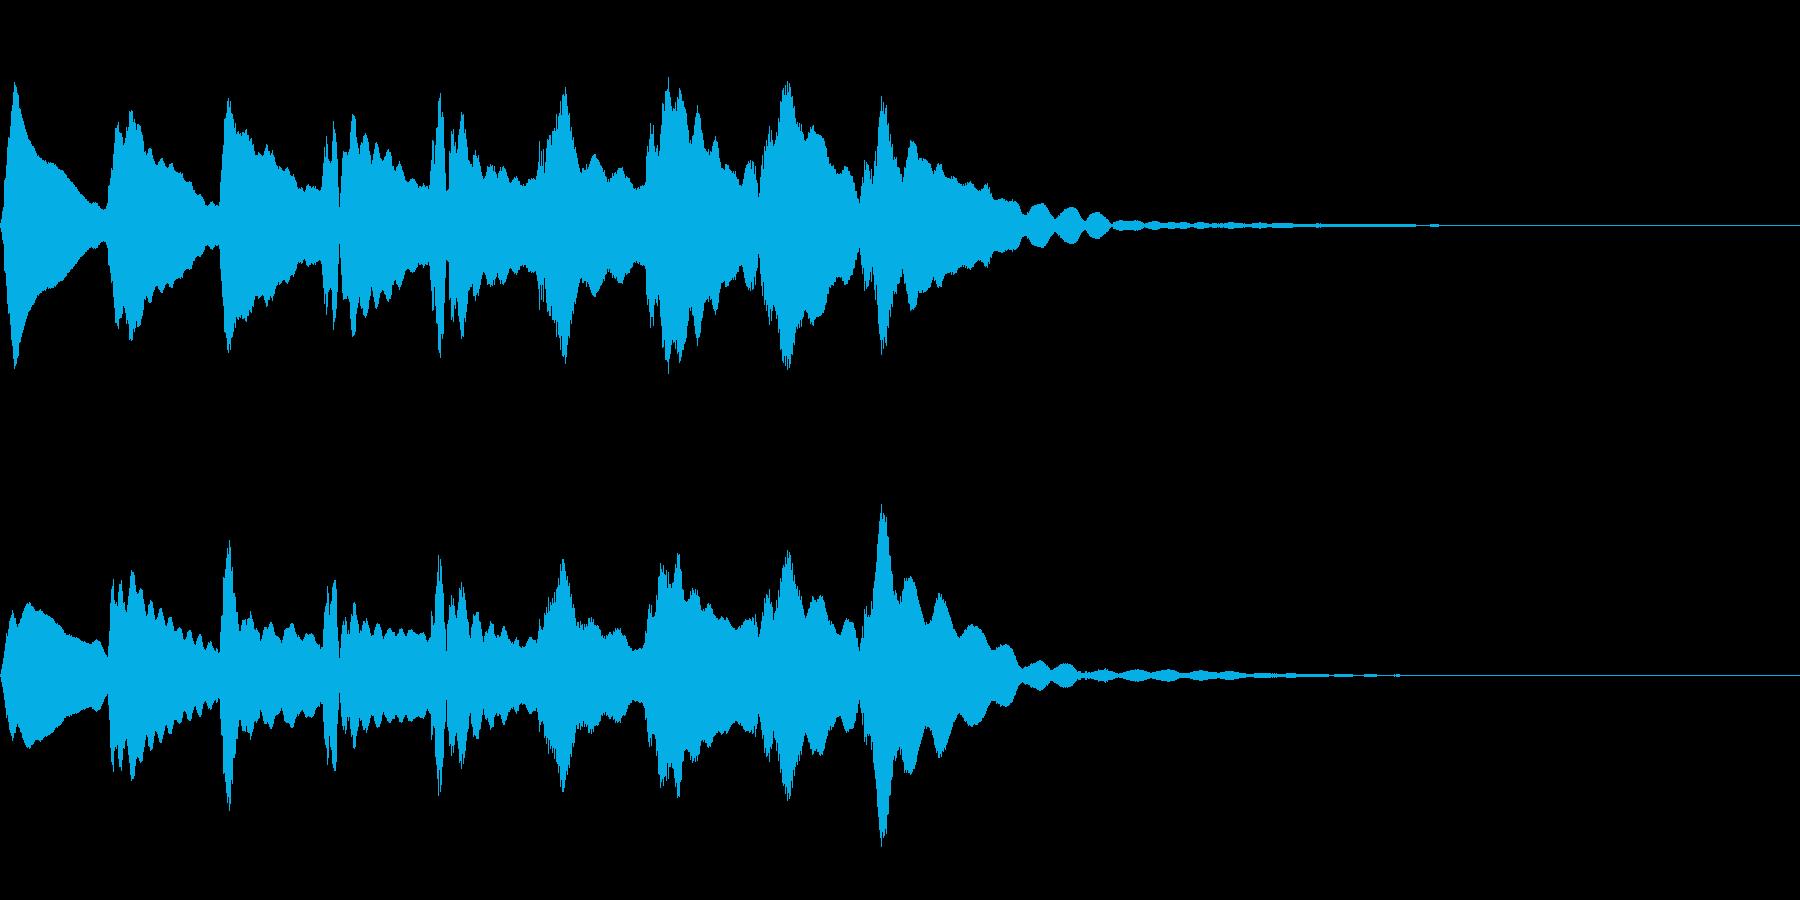 マリンバの下降音の再生済みの波形